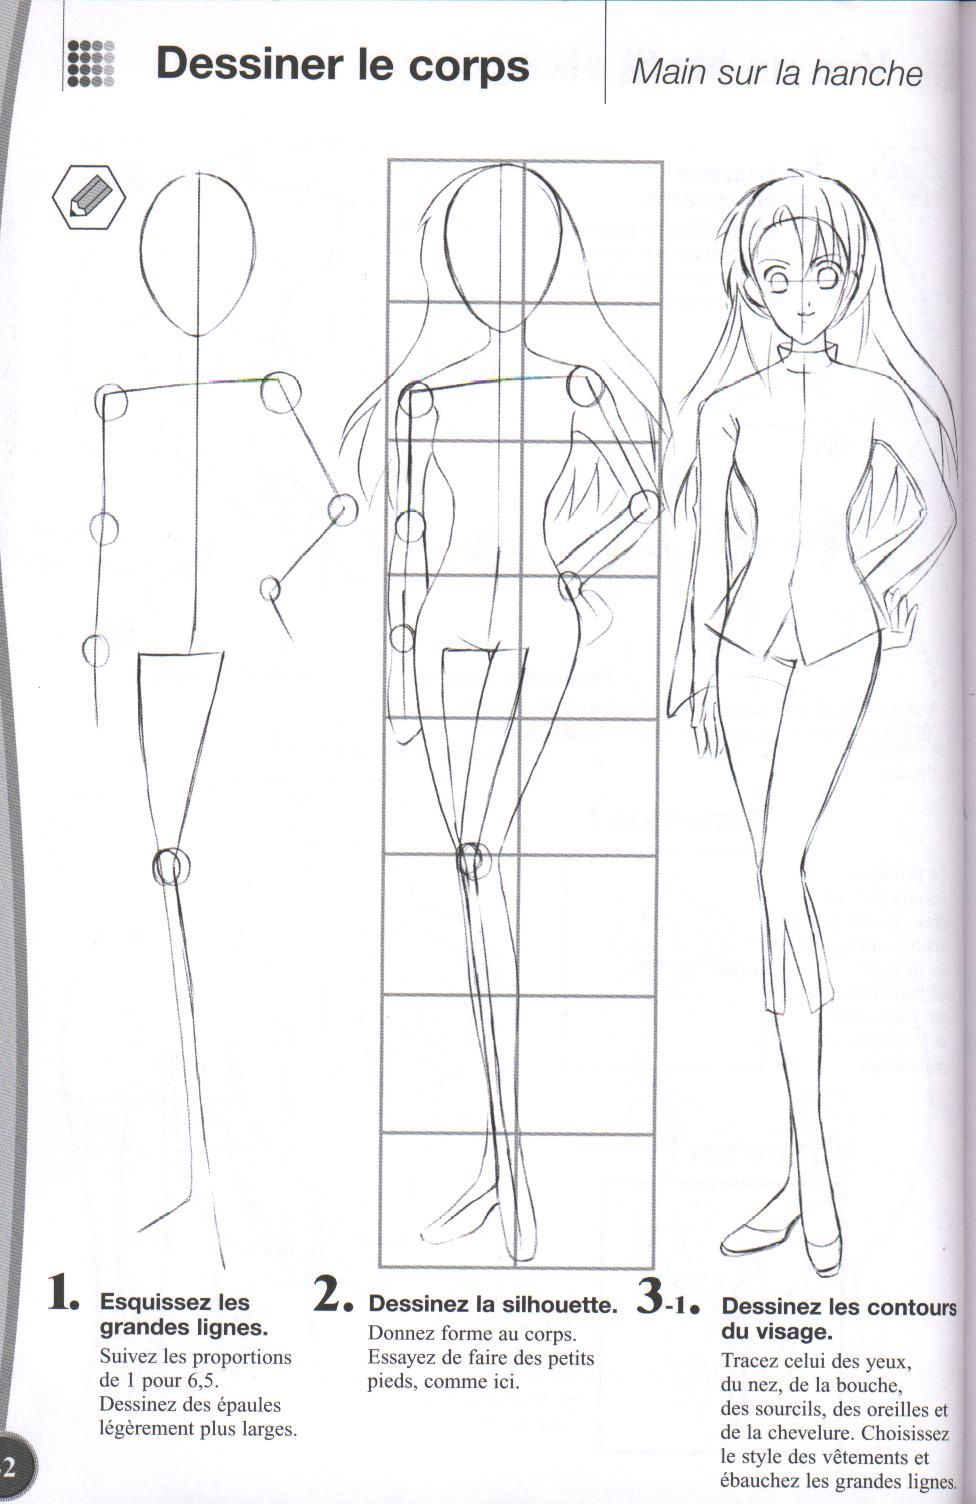 Souvent apprendre a dessiner corps | Dessin | Pinterest | Dessiner, Dessin  YK23